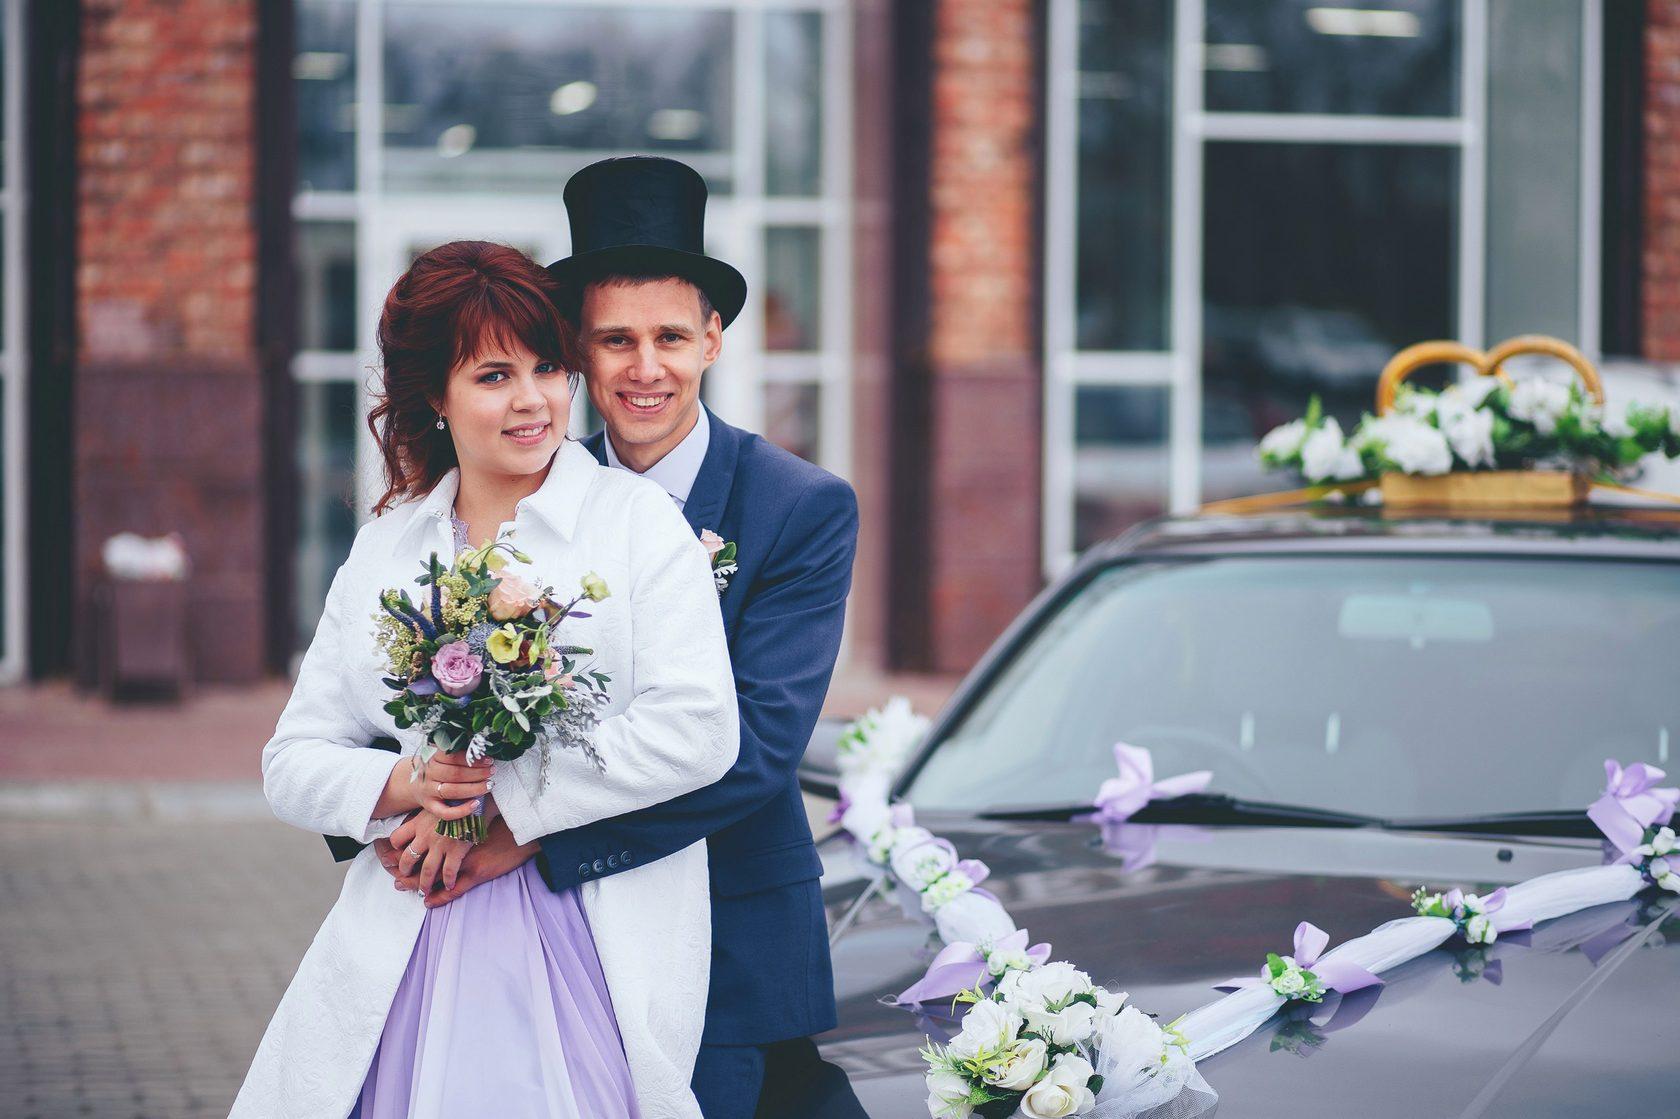 где сфотографироваться на свадьбе архангельск медицина много